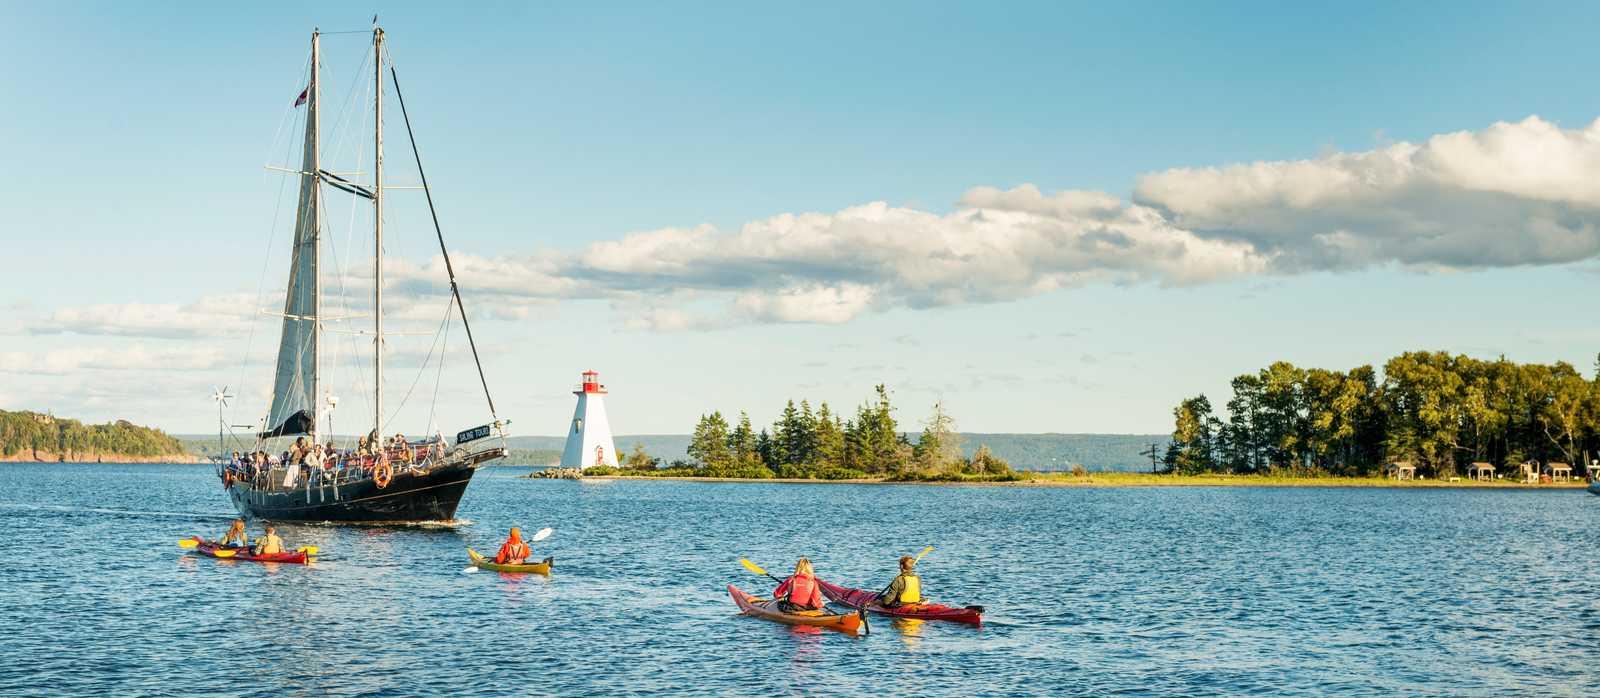 Ausflug im Kajak an der Küste von Cape Breton Island, Nova Scotia